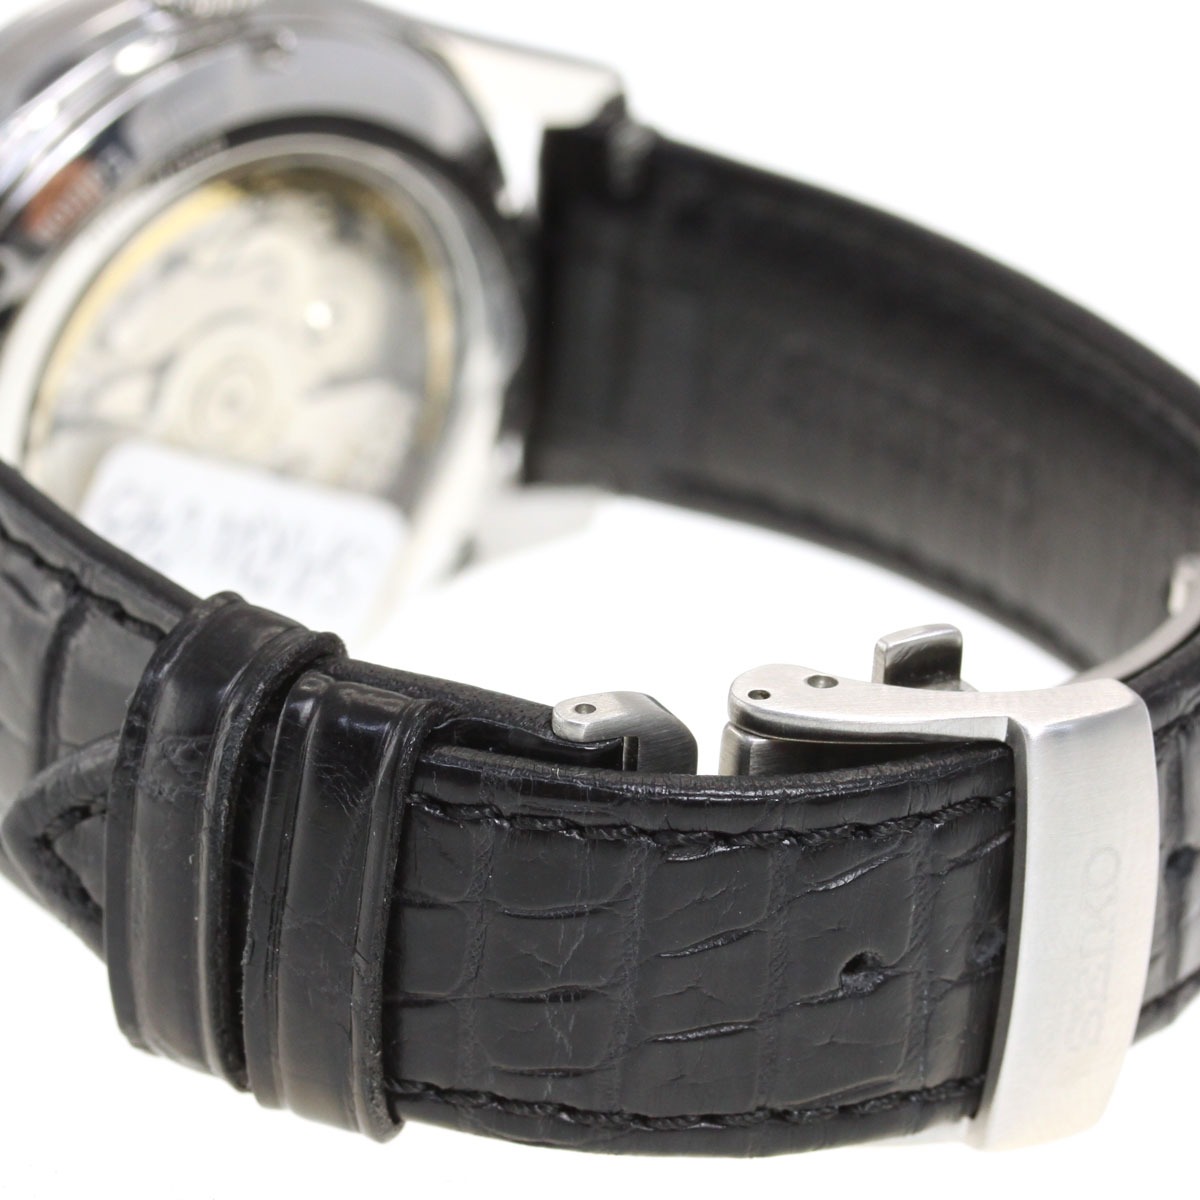 店内ポイント最大43倍 18日23時59分まで セイコー プレザージュ SEIKO PRESAGE 自動巻き メカニカル 漆白檀塗ダイヤル コアショップ専用 流通限定モデル 腕時計 SARW045N0POknX8w